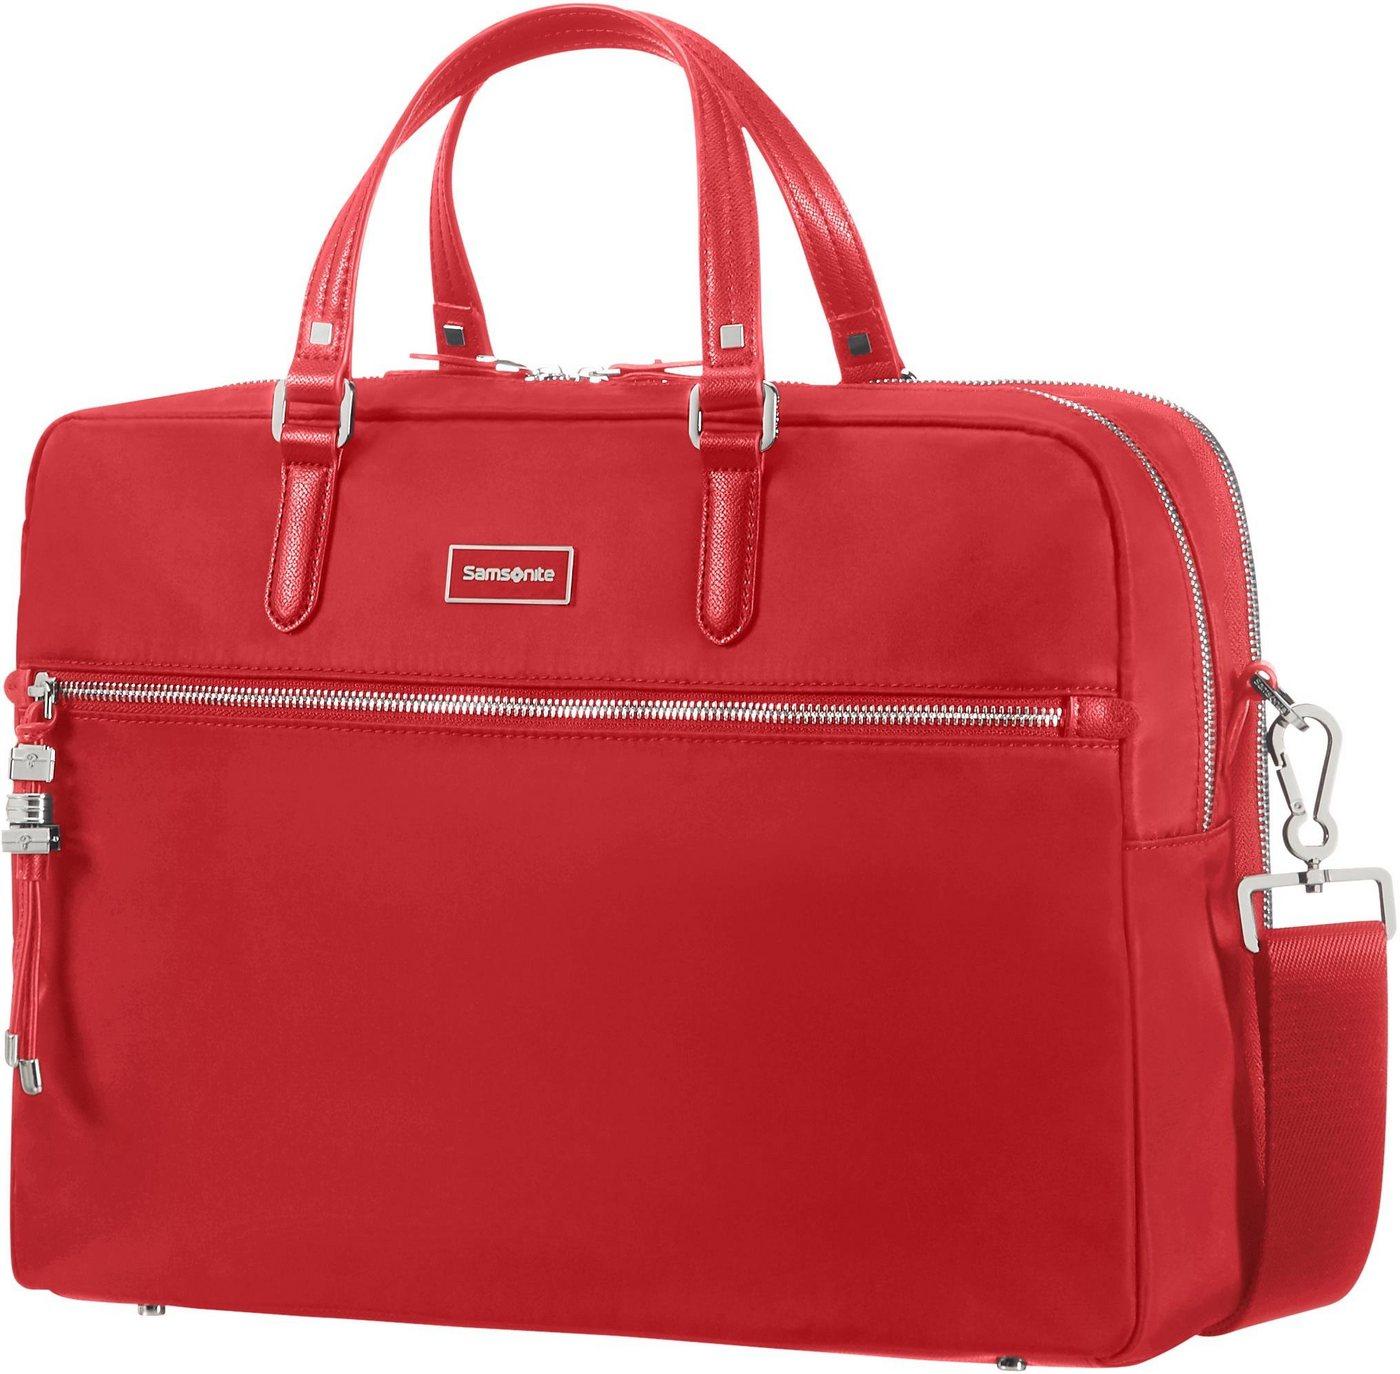 Samsonite Businesstasche mit 15,6-Zoll Laptopfach, »Karissa Biz, 2 Fächer« | Taschen > Business Taschen | Rot | Samsonite